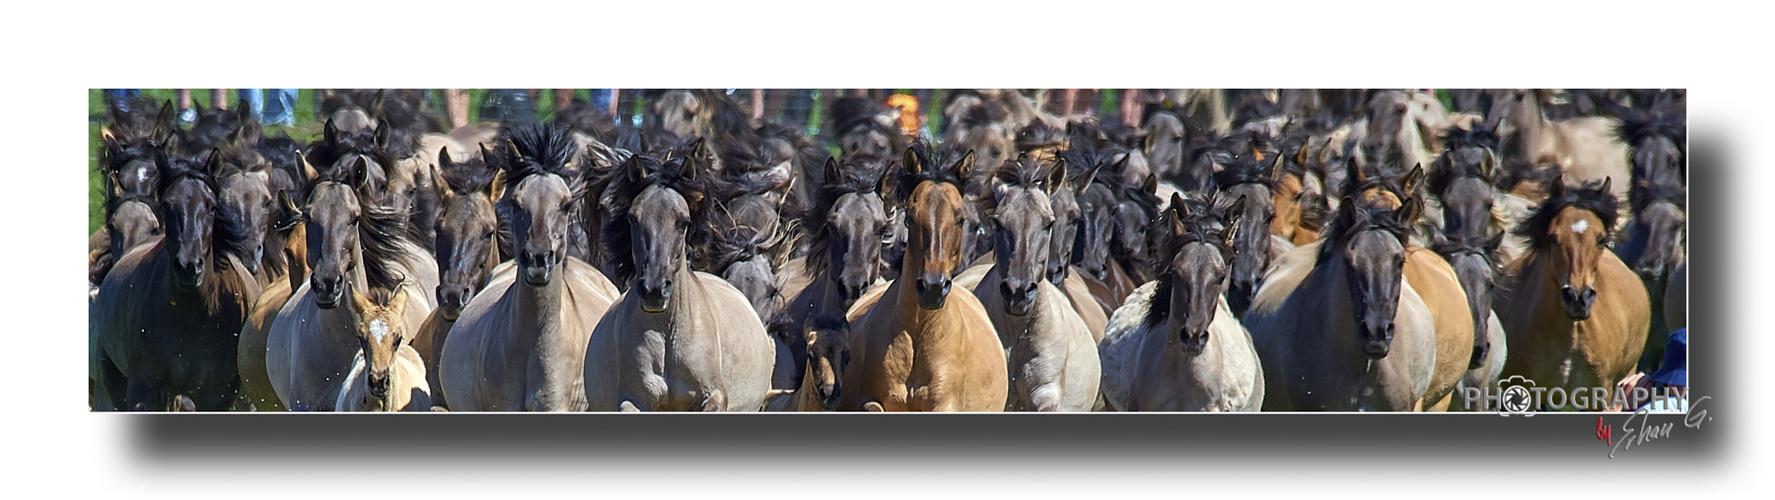 Die Herde _ OK_4A04883r_1800